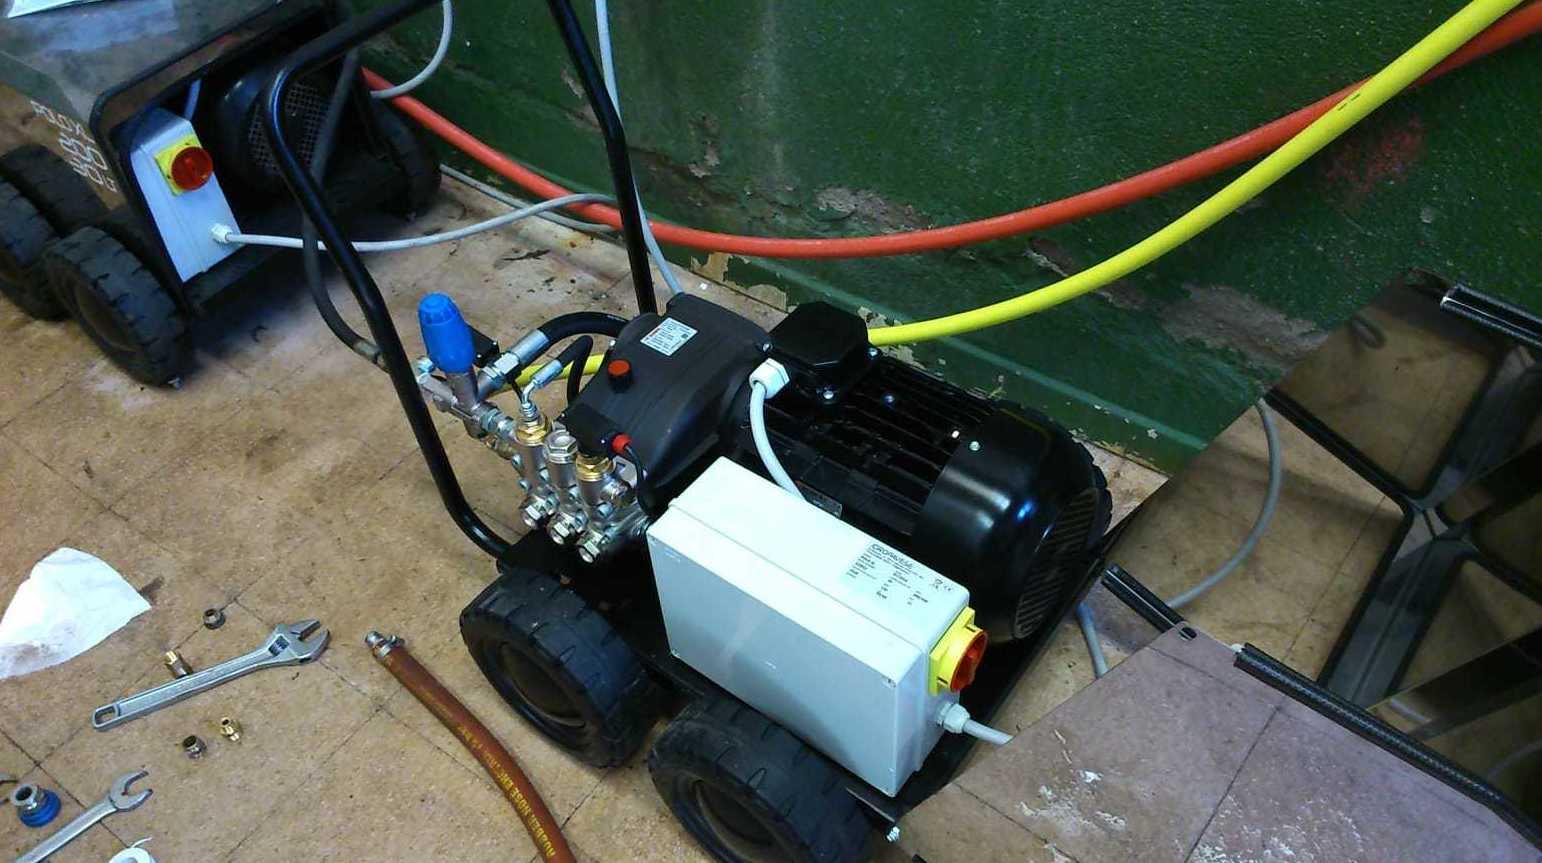 Foto 10 de Venta, reparación y alquiler de maquinara de limpieza en Salamanca | Tecnocleaner